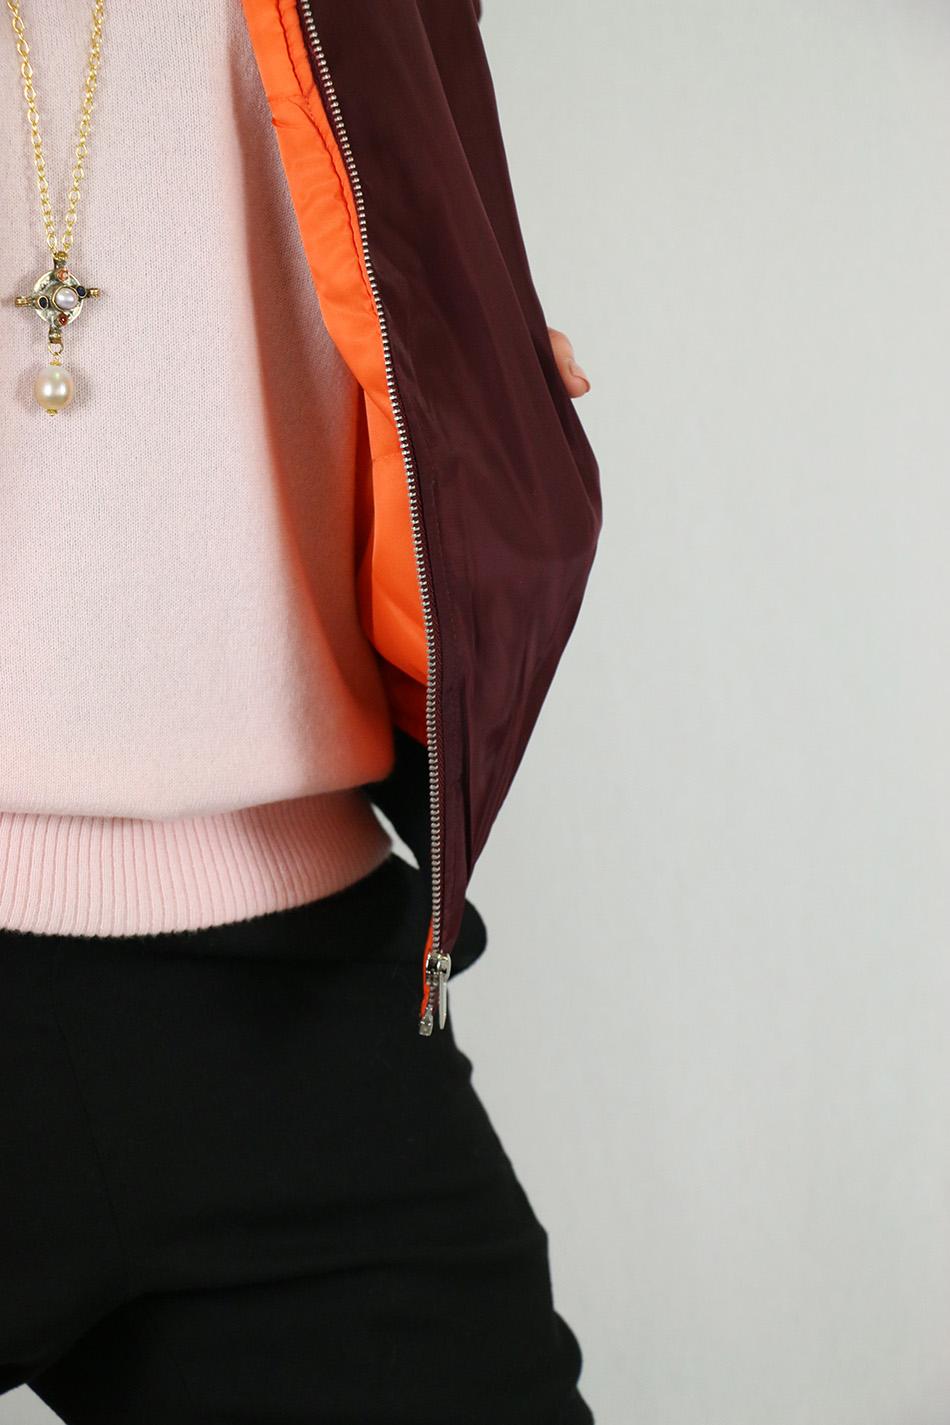 Fringe and Doll Burgundy Bomber jacketIMG_0737